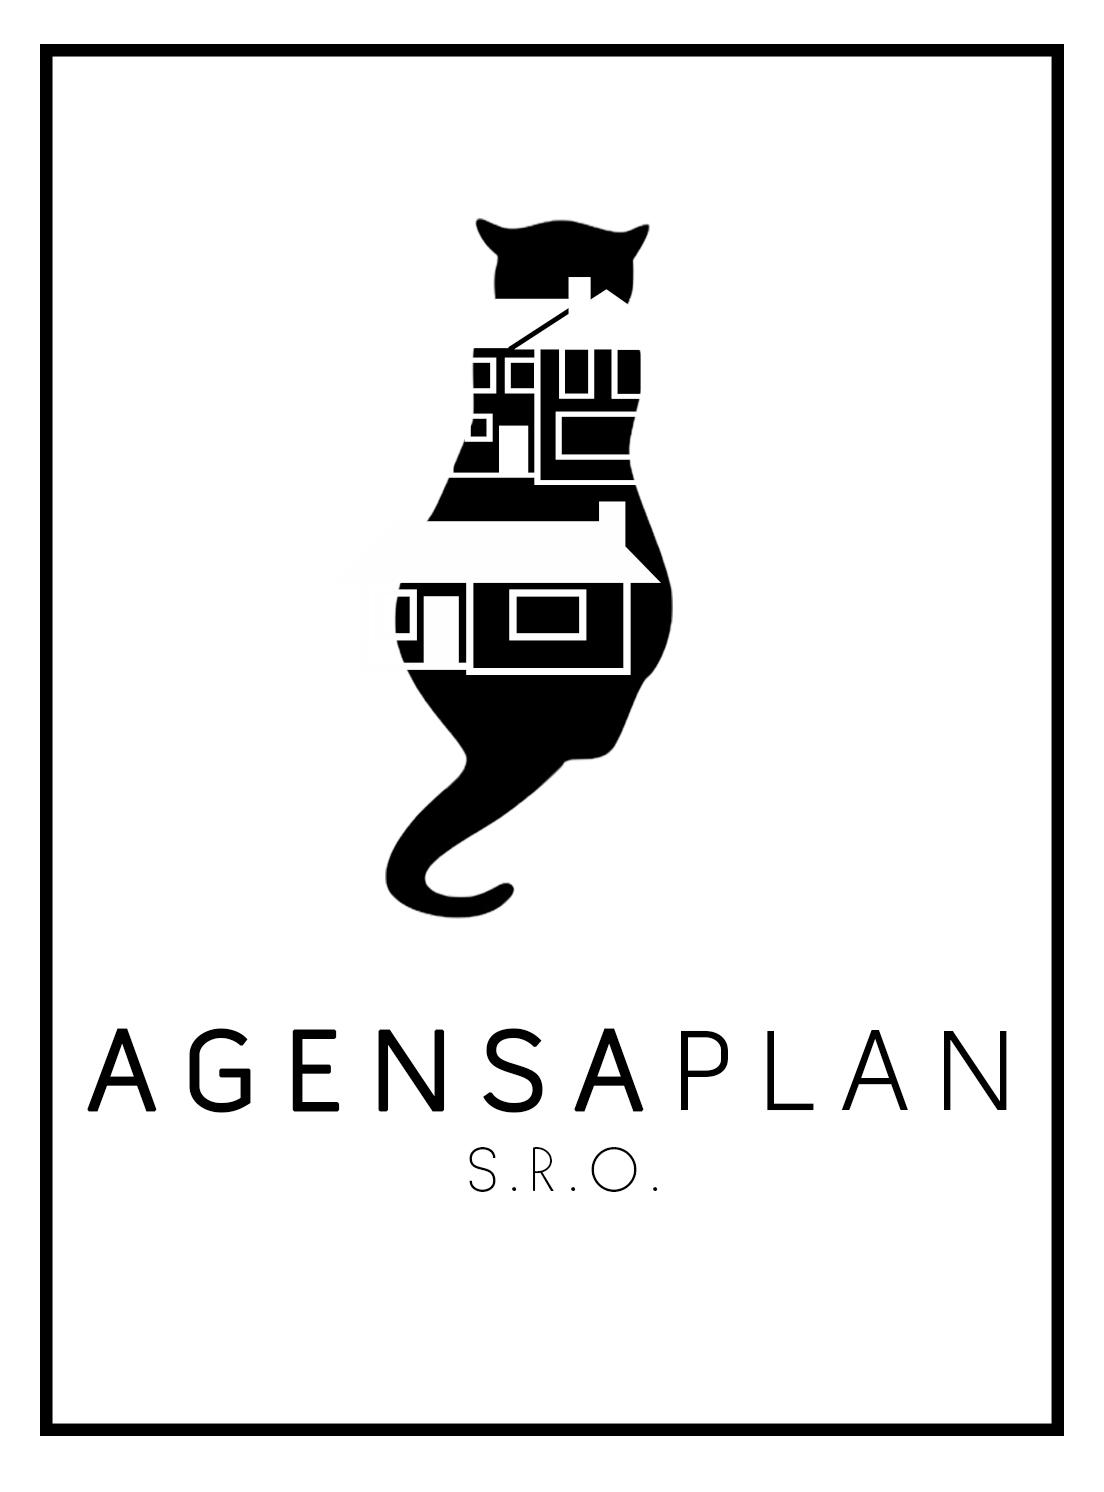 Agensaplan, s. r. o,